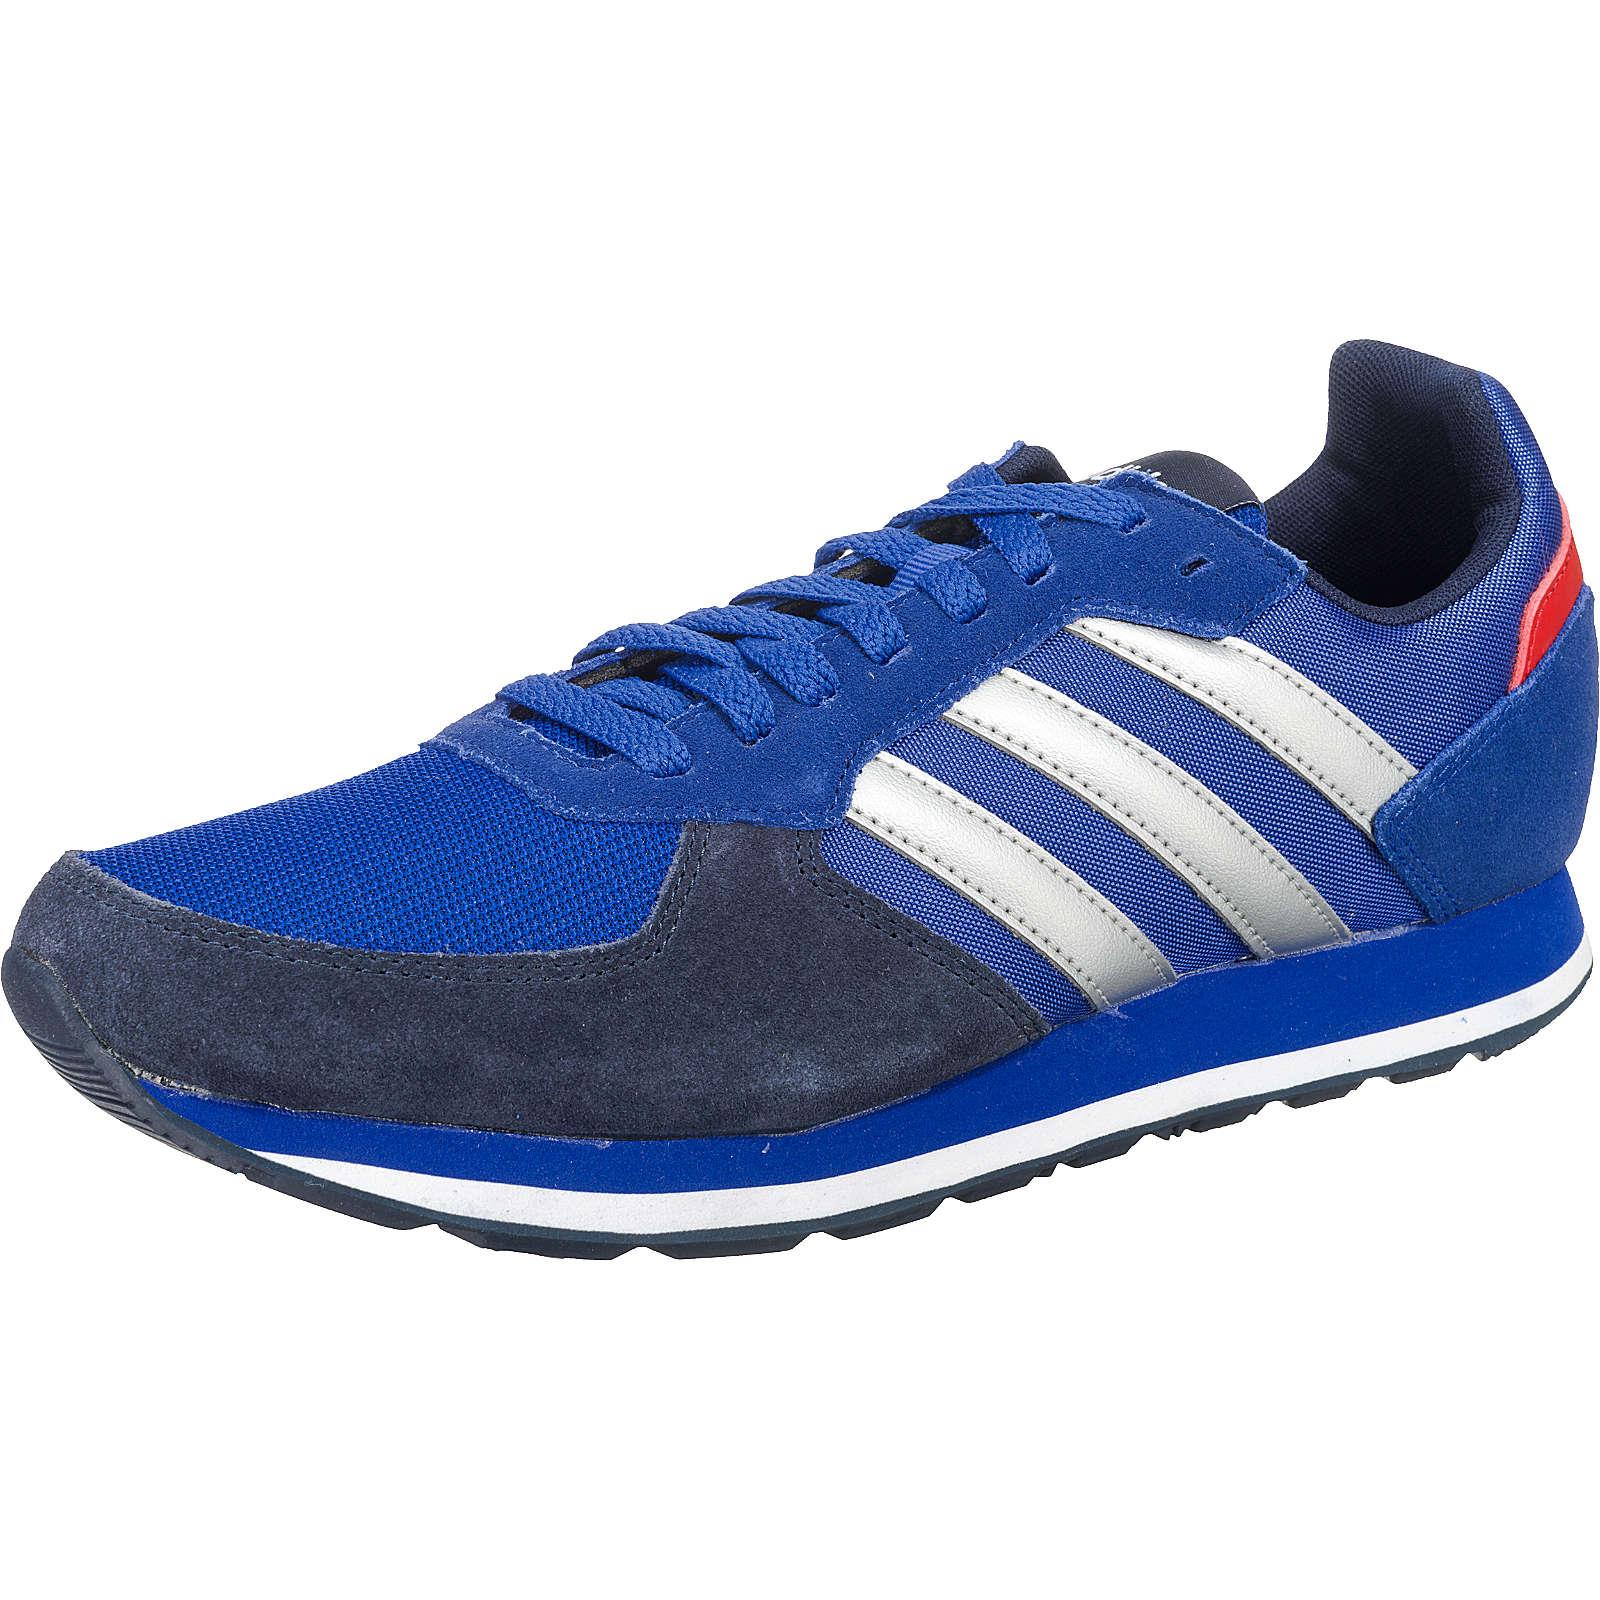 adidas Sport Inspired 8K Sneakers blau Herren Gr. 42 2/3